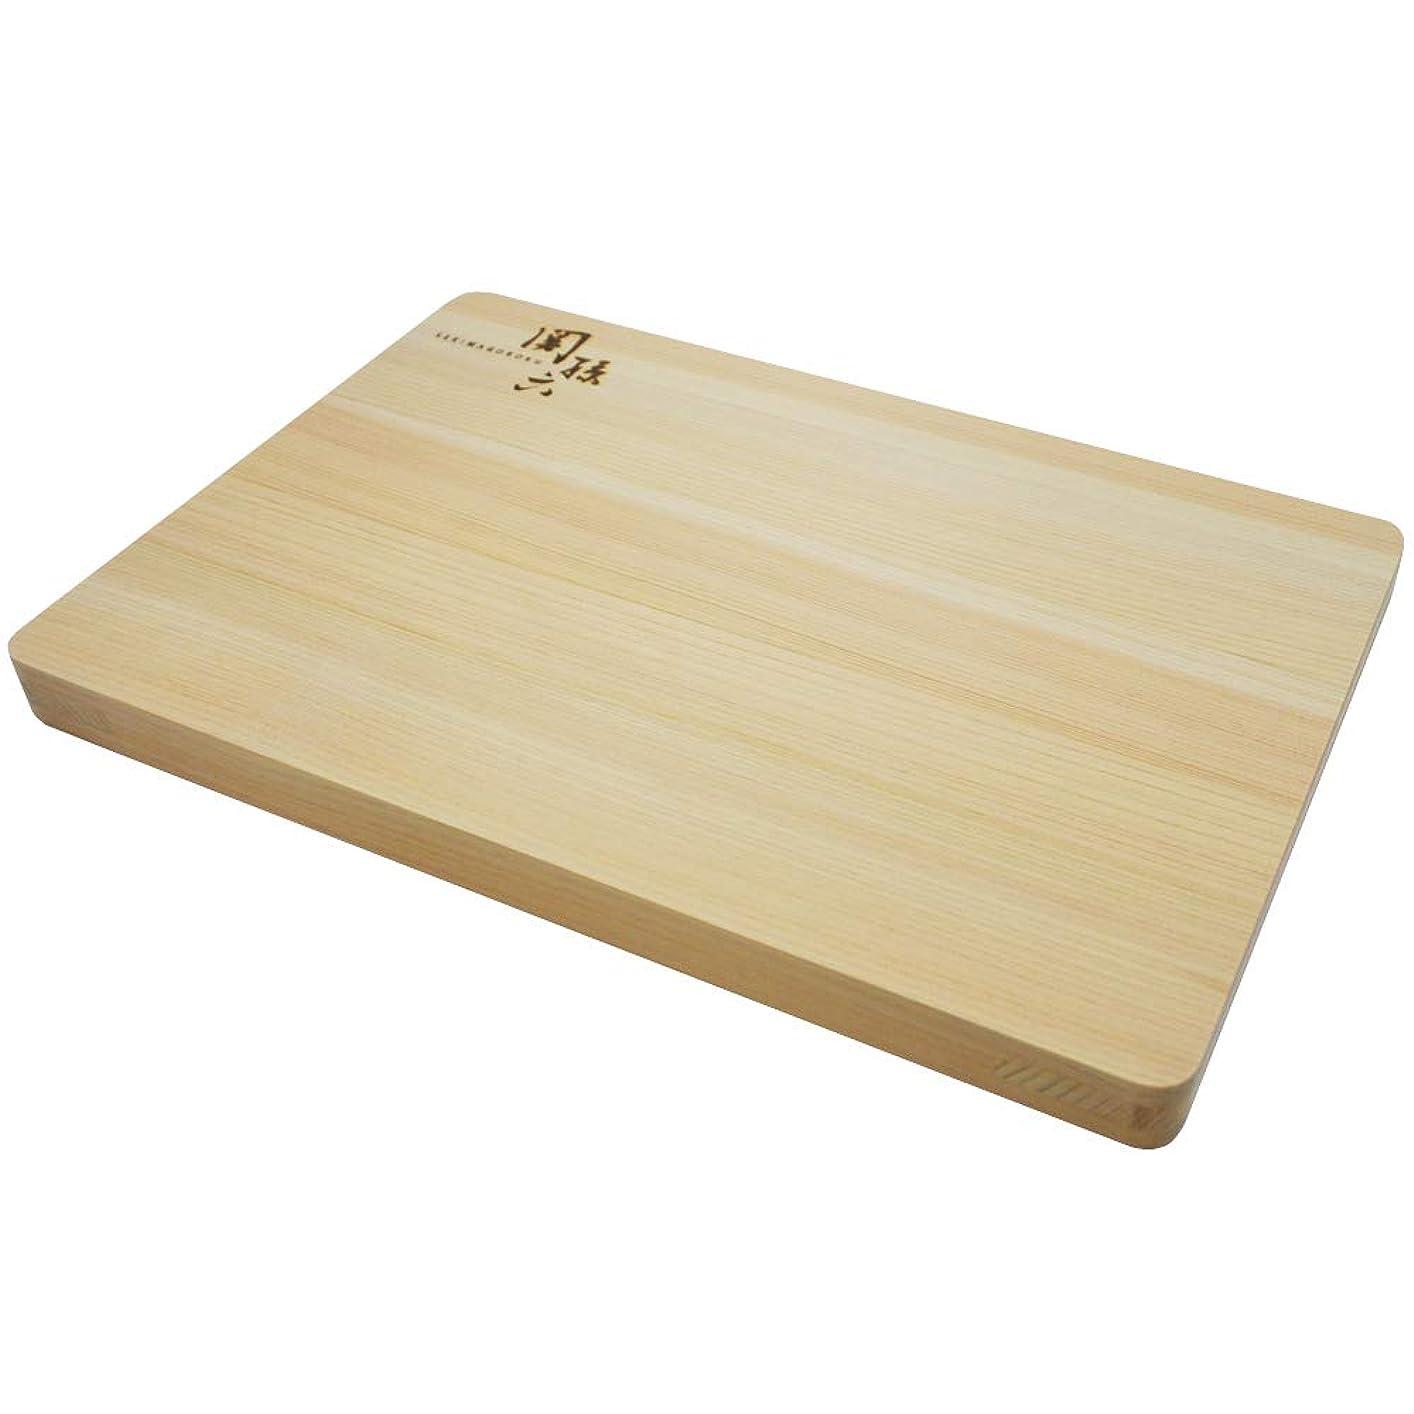 評価可能巻き戻す豪華なメルペール ネコ 国産 ひのき まな板 770-320